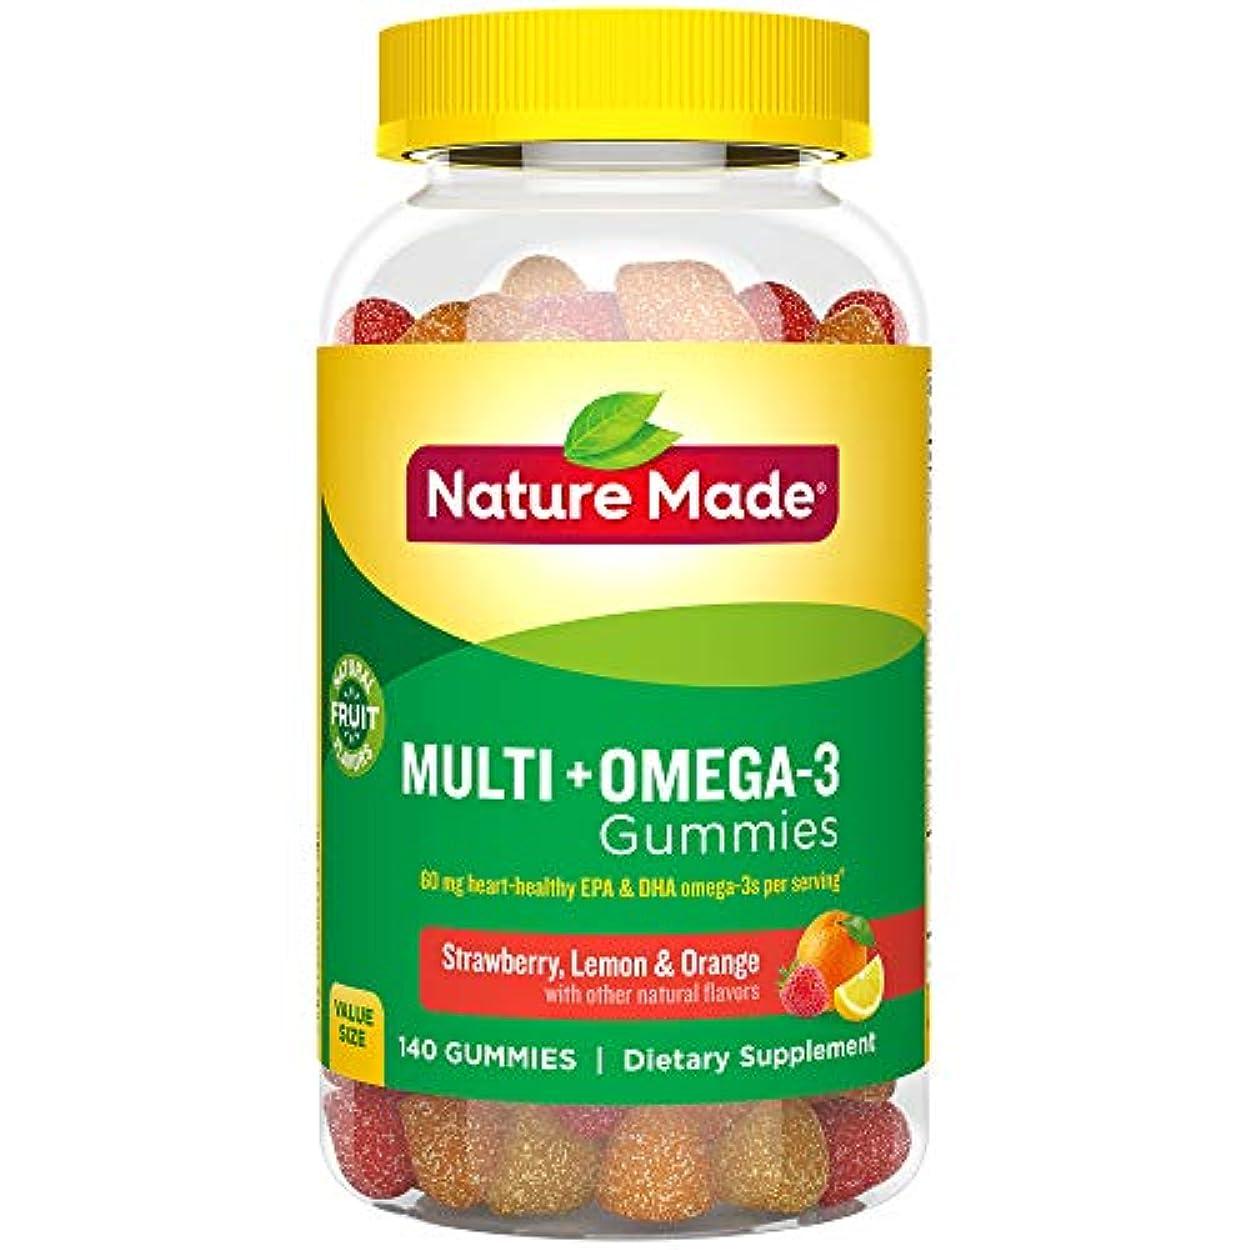 小包製作敵意Nature Made Multi + Omega-3 Adult Gummies (60 mg of DHA & EPA per serving),140粒